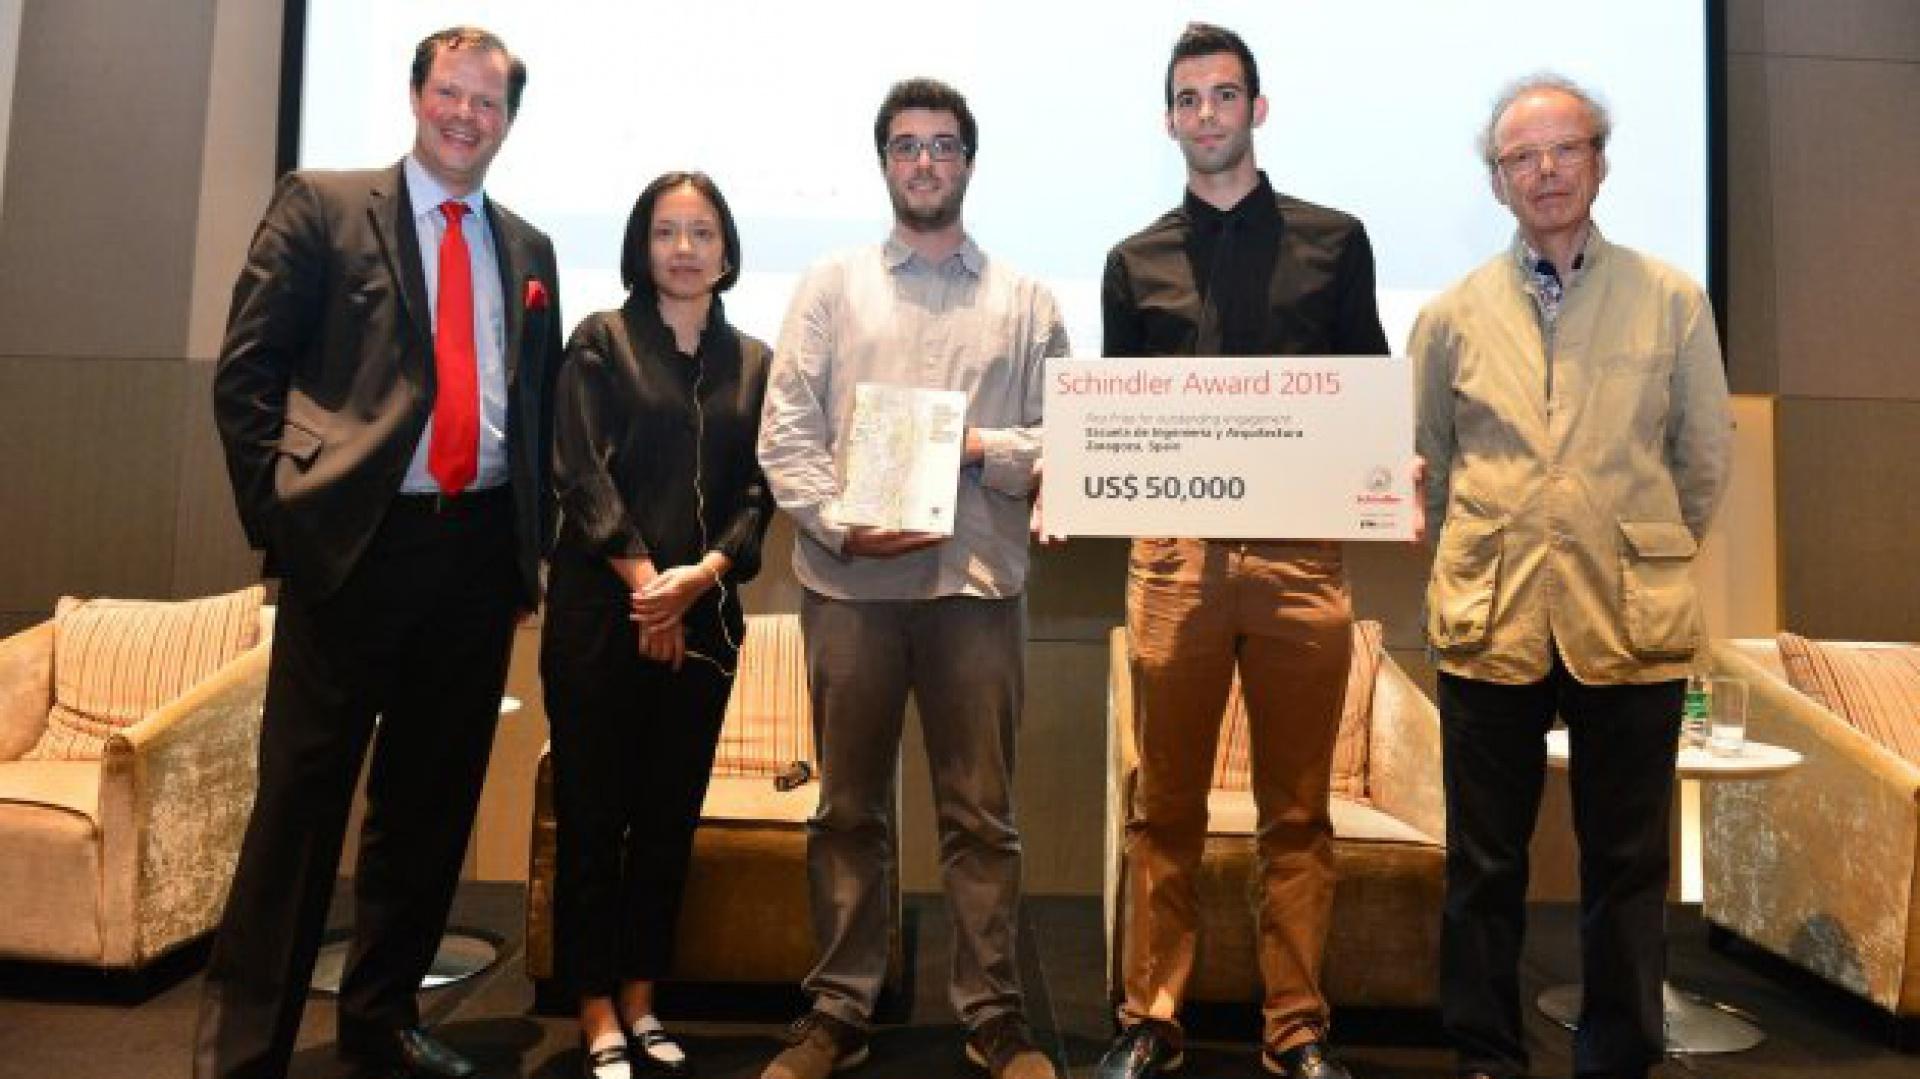 2015 rok jest pierwszym rokiem, w którym stworzona w 2003 roku nagroda Schindler Award zyskała charakter globalny dzięki partnerstwu Schindler Group z Technical University w Zurichu.W ramach preselekcji wybrano 200 projektów, a następnie wytypowano dwunastu zwycięzców z trzech najlepszych zespołów: z Francji, Chin i Hiszpanii. Fot. Schindler